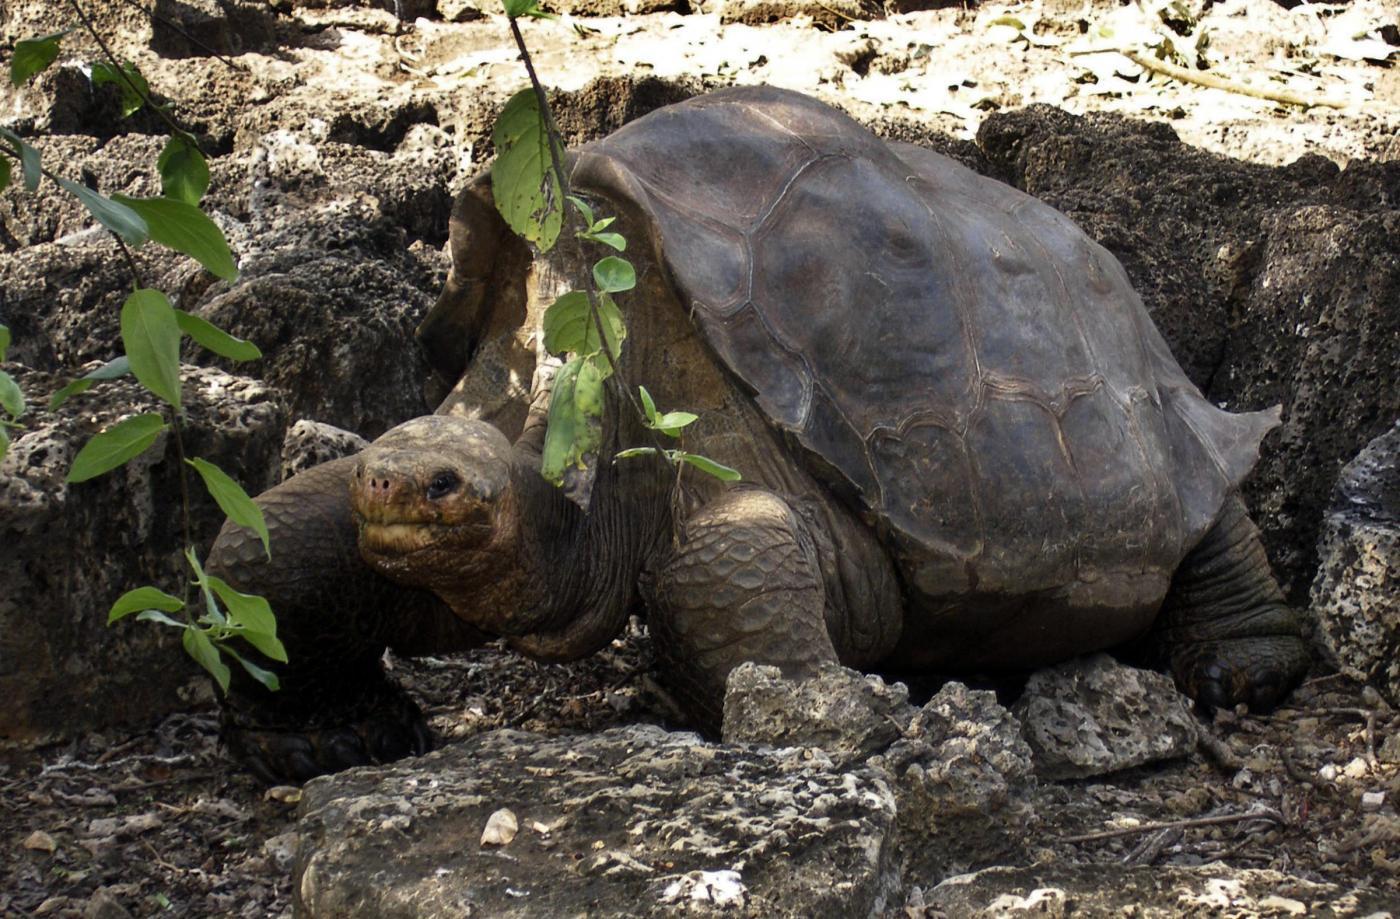 Addio all'ultimo solitario delle Galapagos